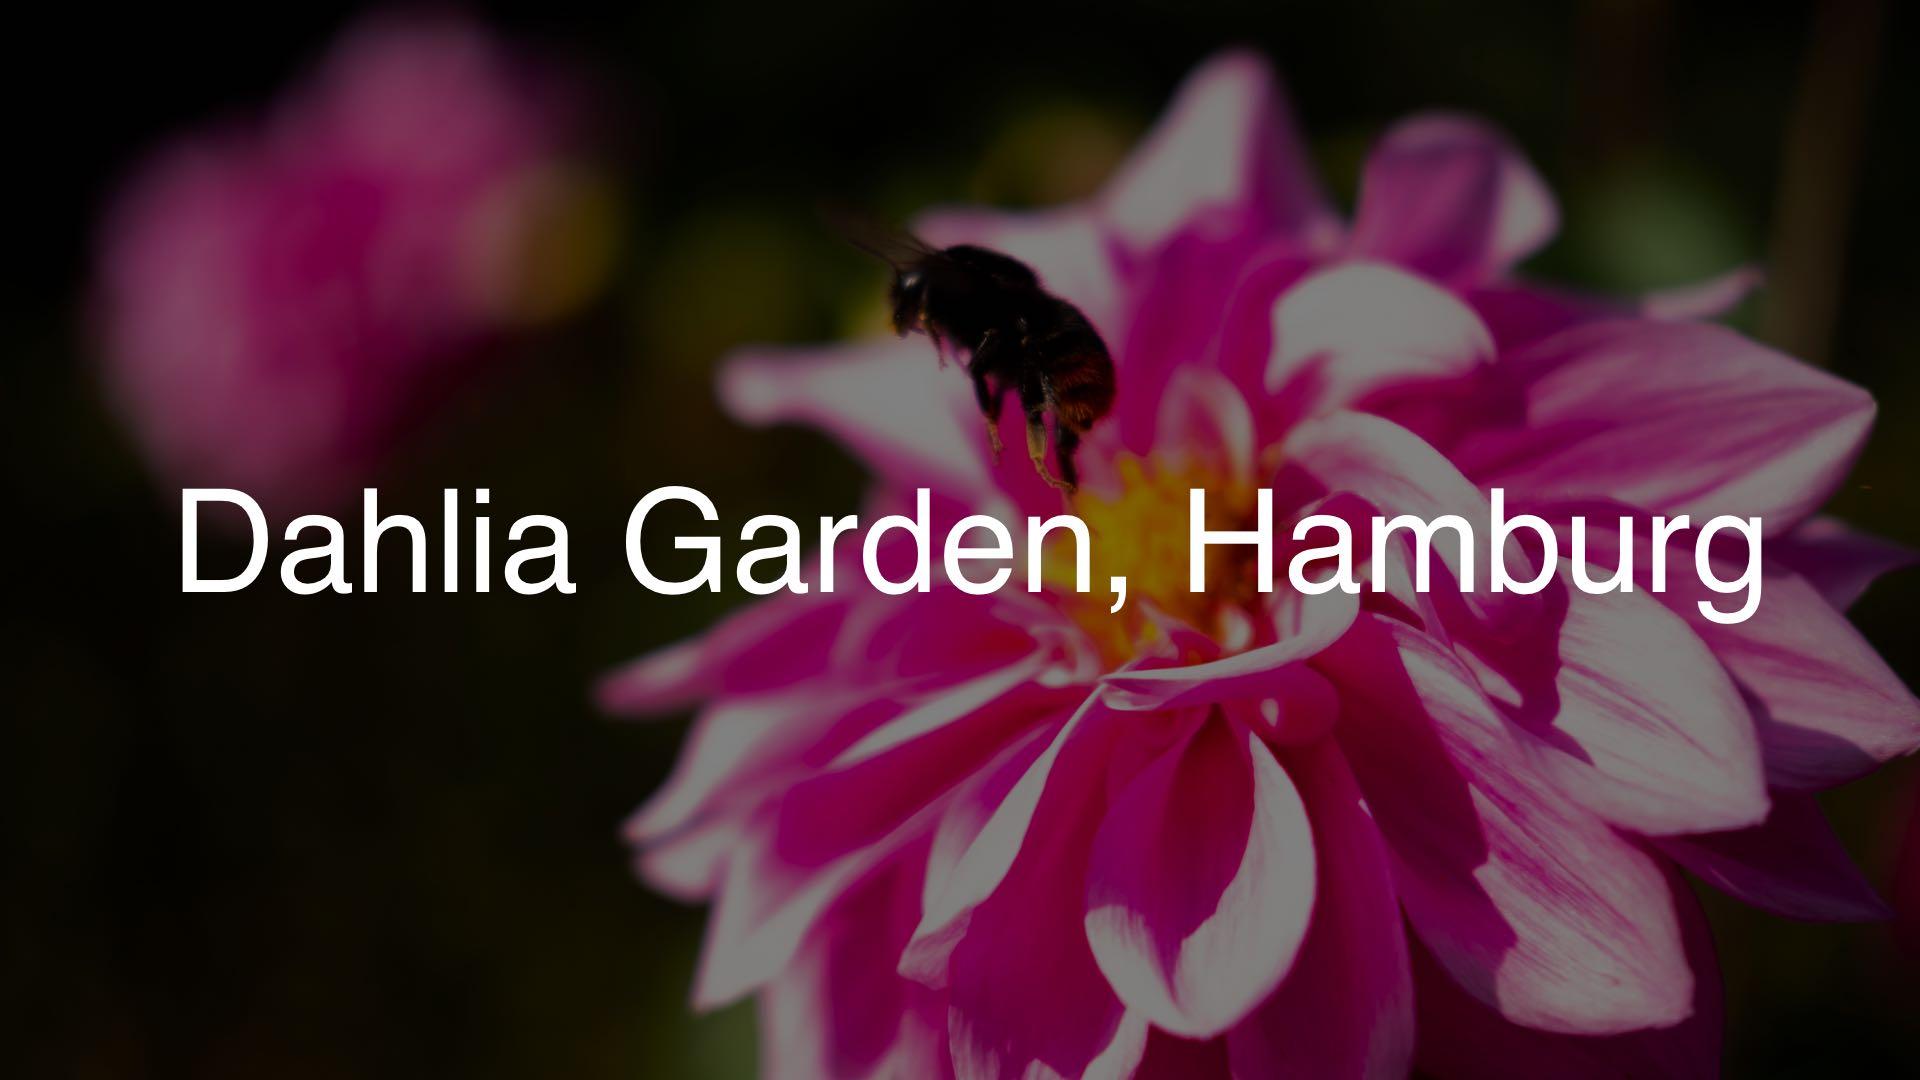 Dahlia Garden HH Header 1920x1080 dark